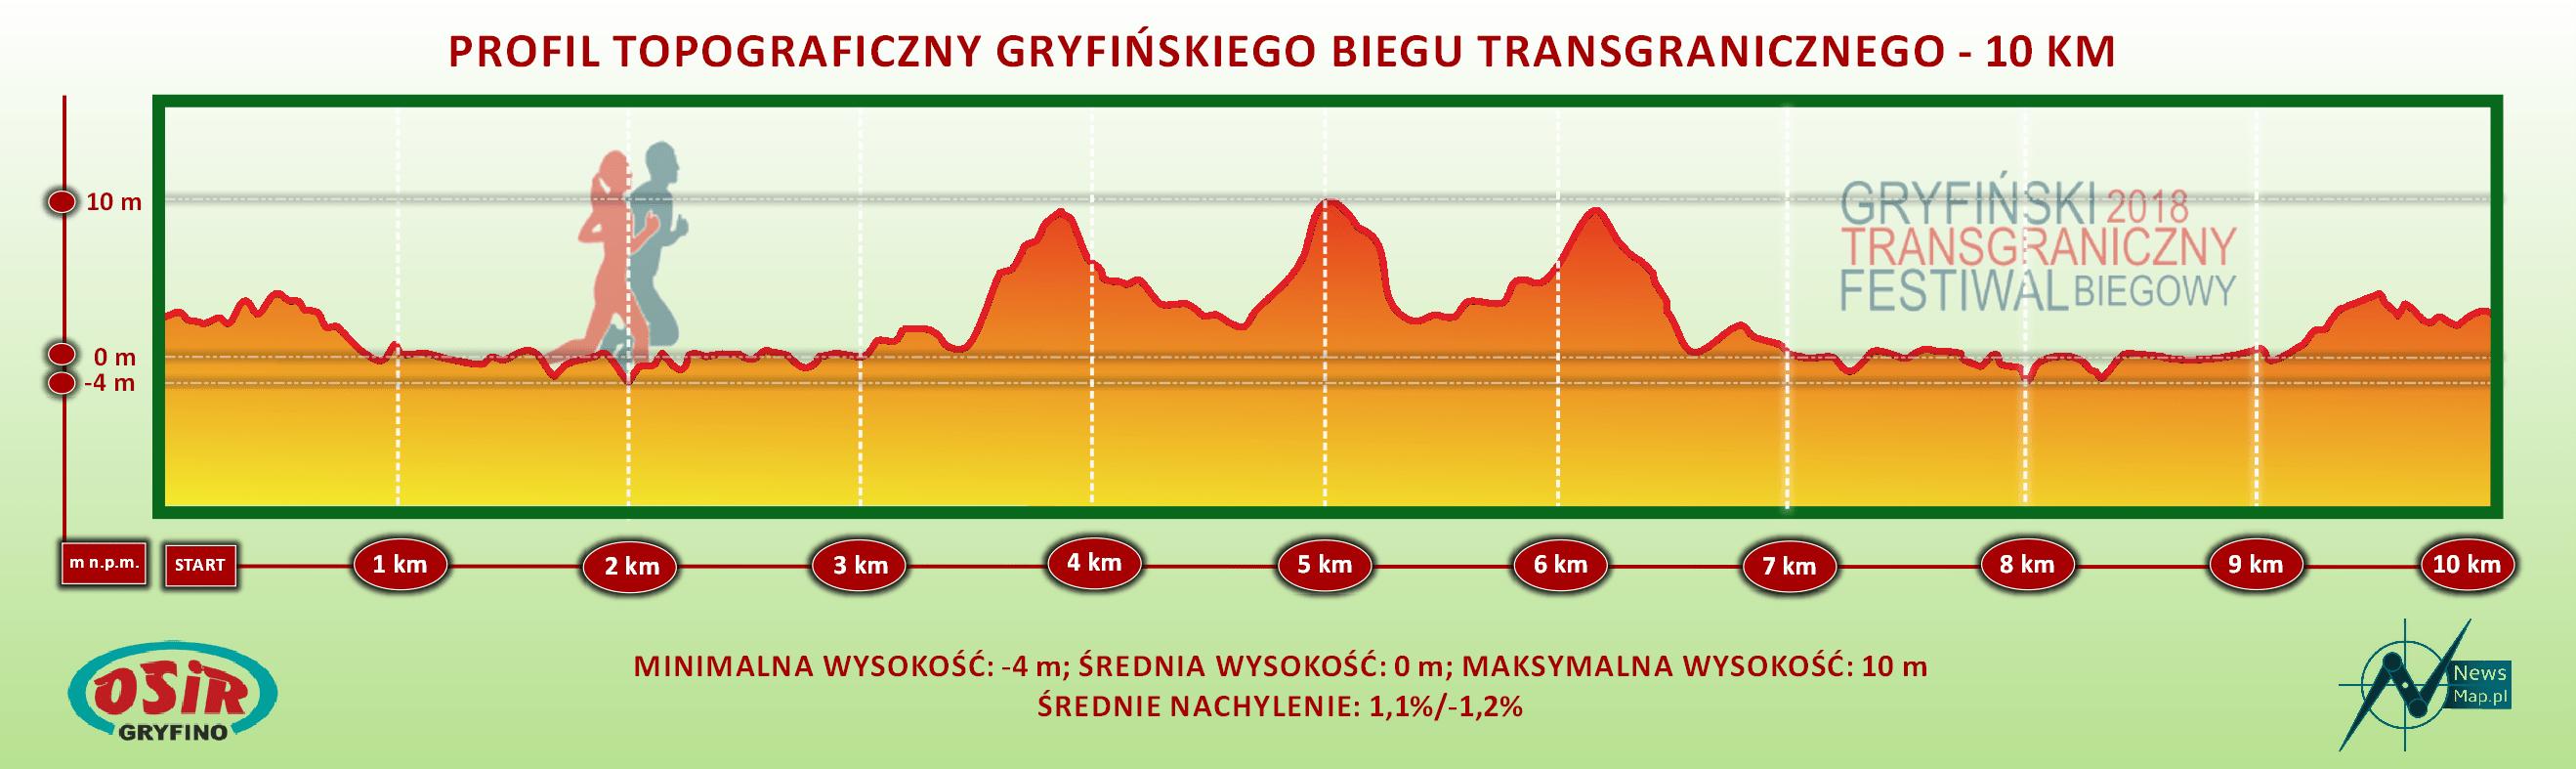 Bieg Transgraniczny 10 km - profil topograniczny